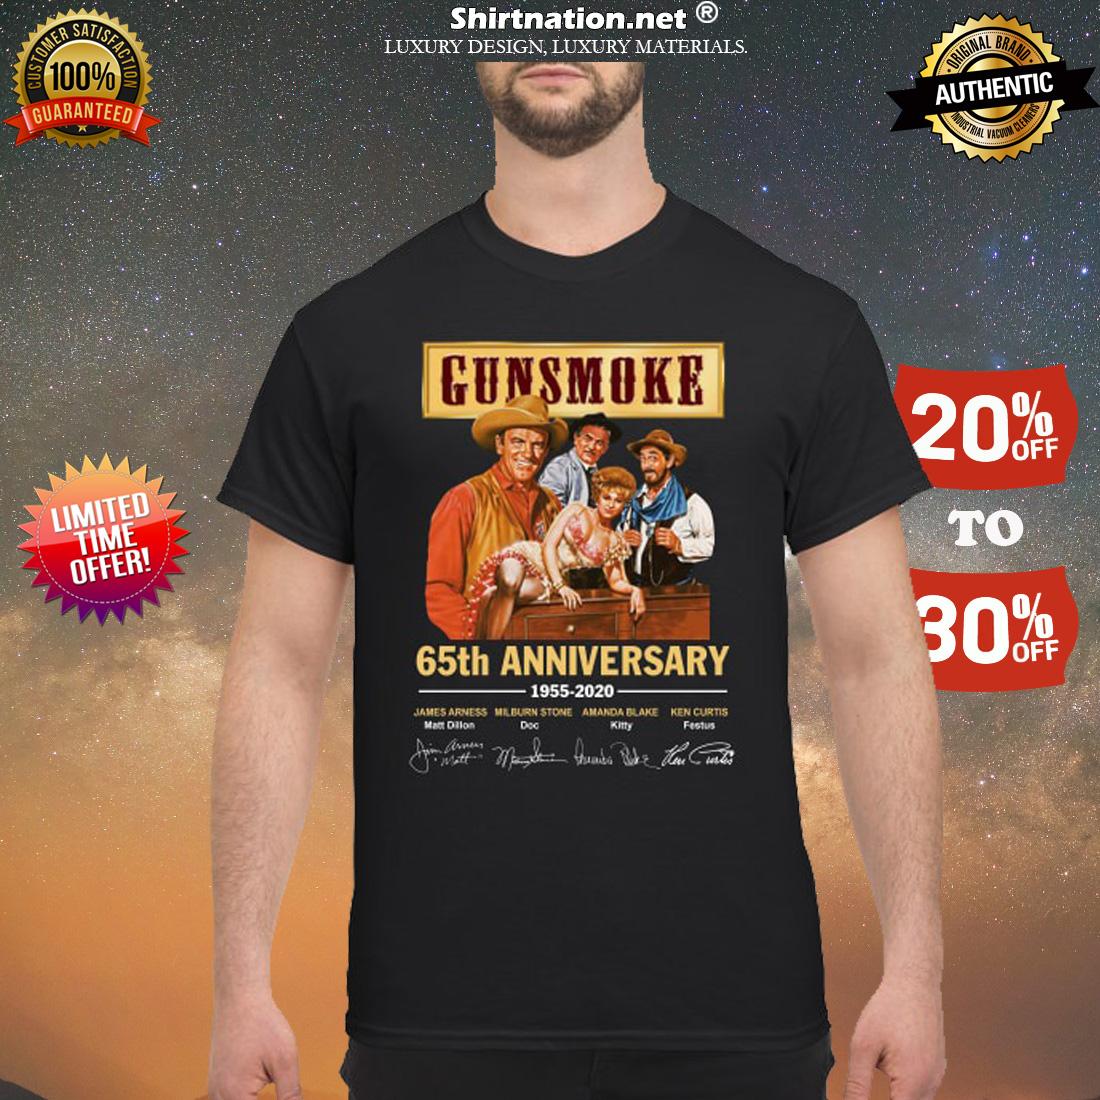 Gunsmoke 65th anniversary 1955 2020 shirt